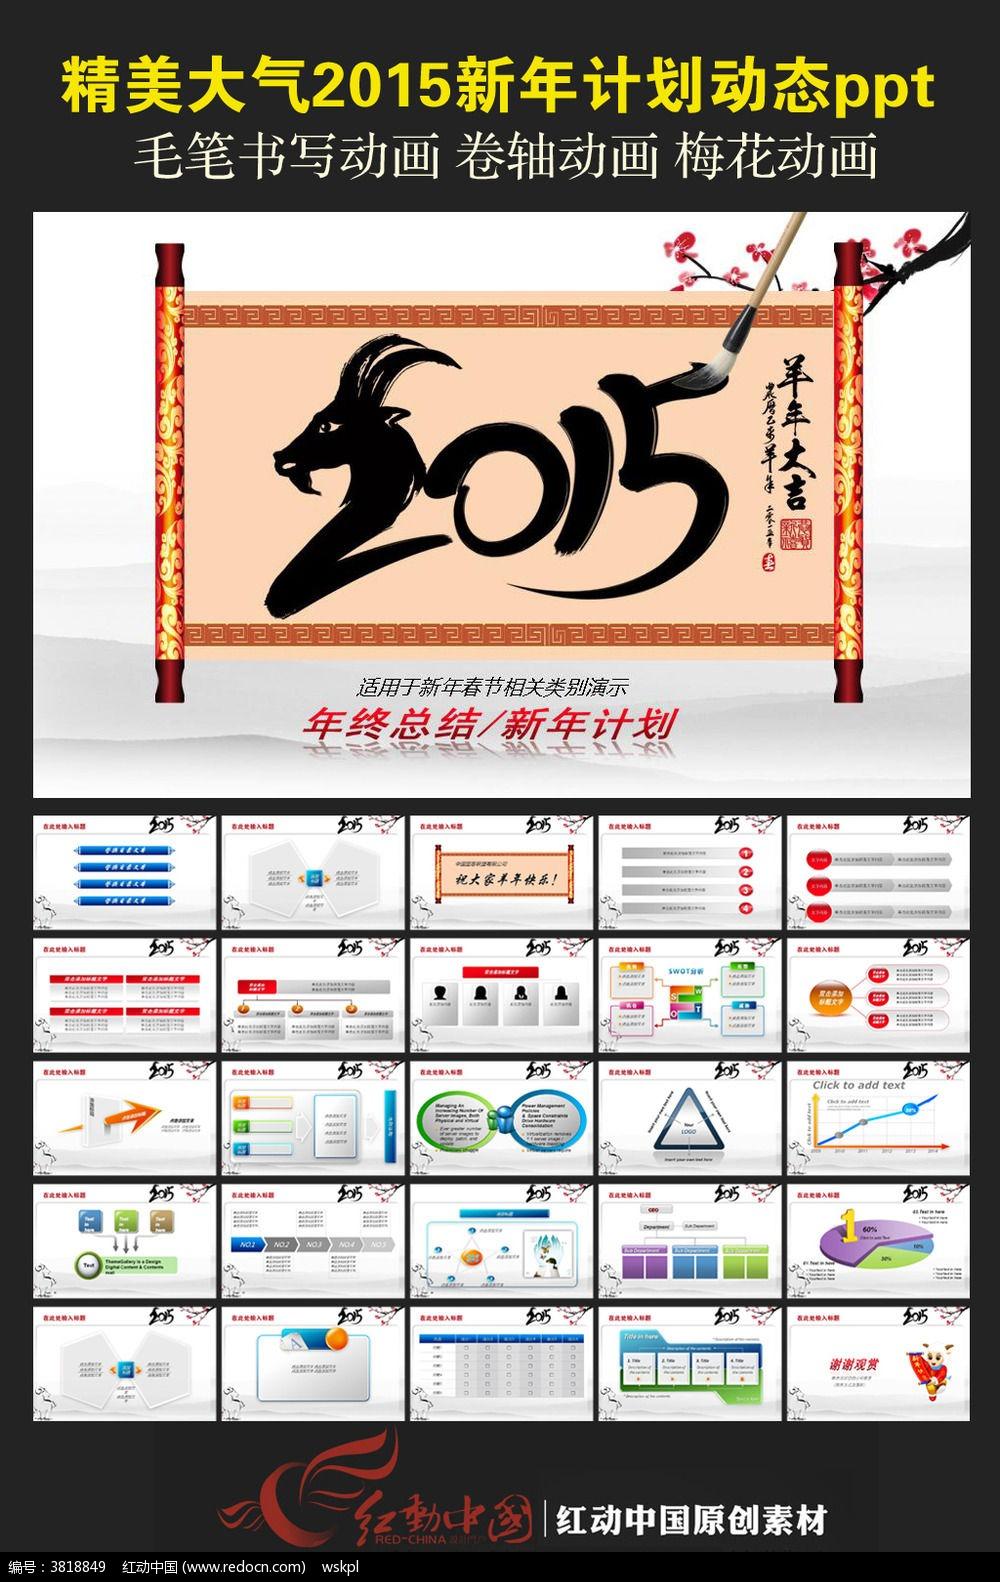 2015年会ppt 颁奖典礼 表彰 春节PPT 羊年PPT模板 书法动画ppt 毛笔